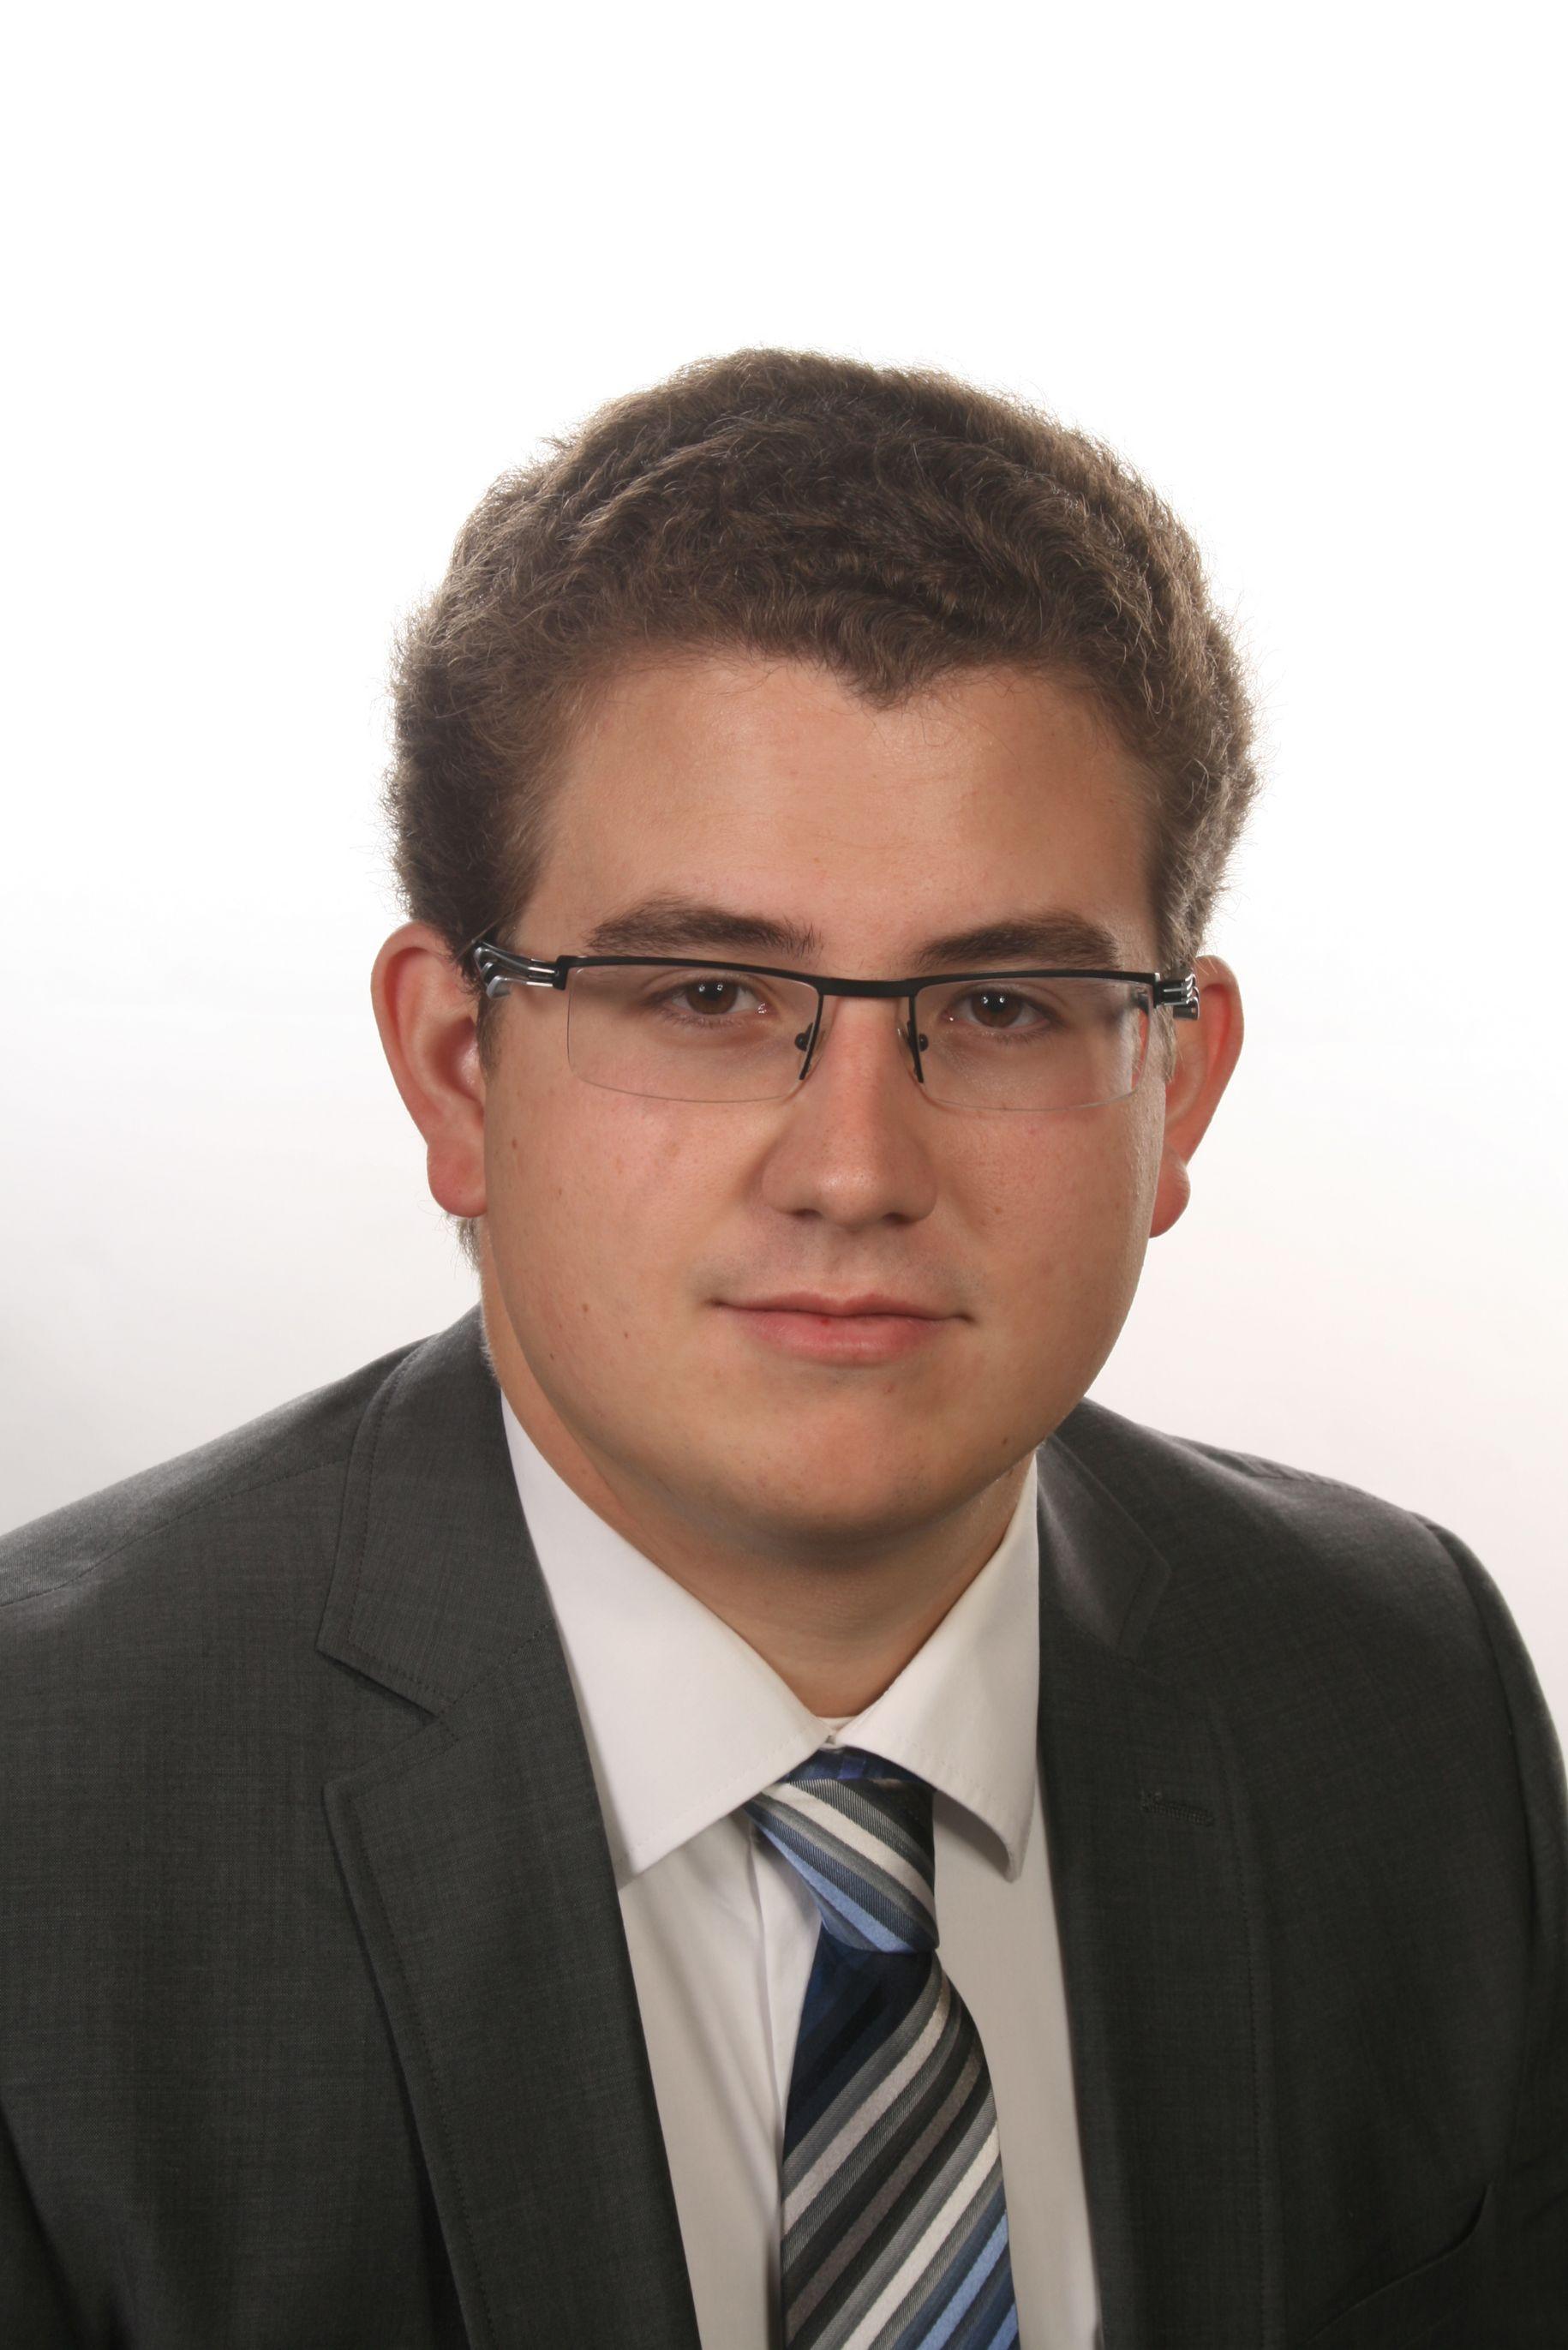 Lars Göbel, Leiter Vertrieb und IT Services, DARZ GmbH, Darmstadt